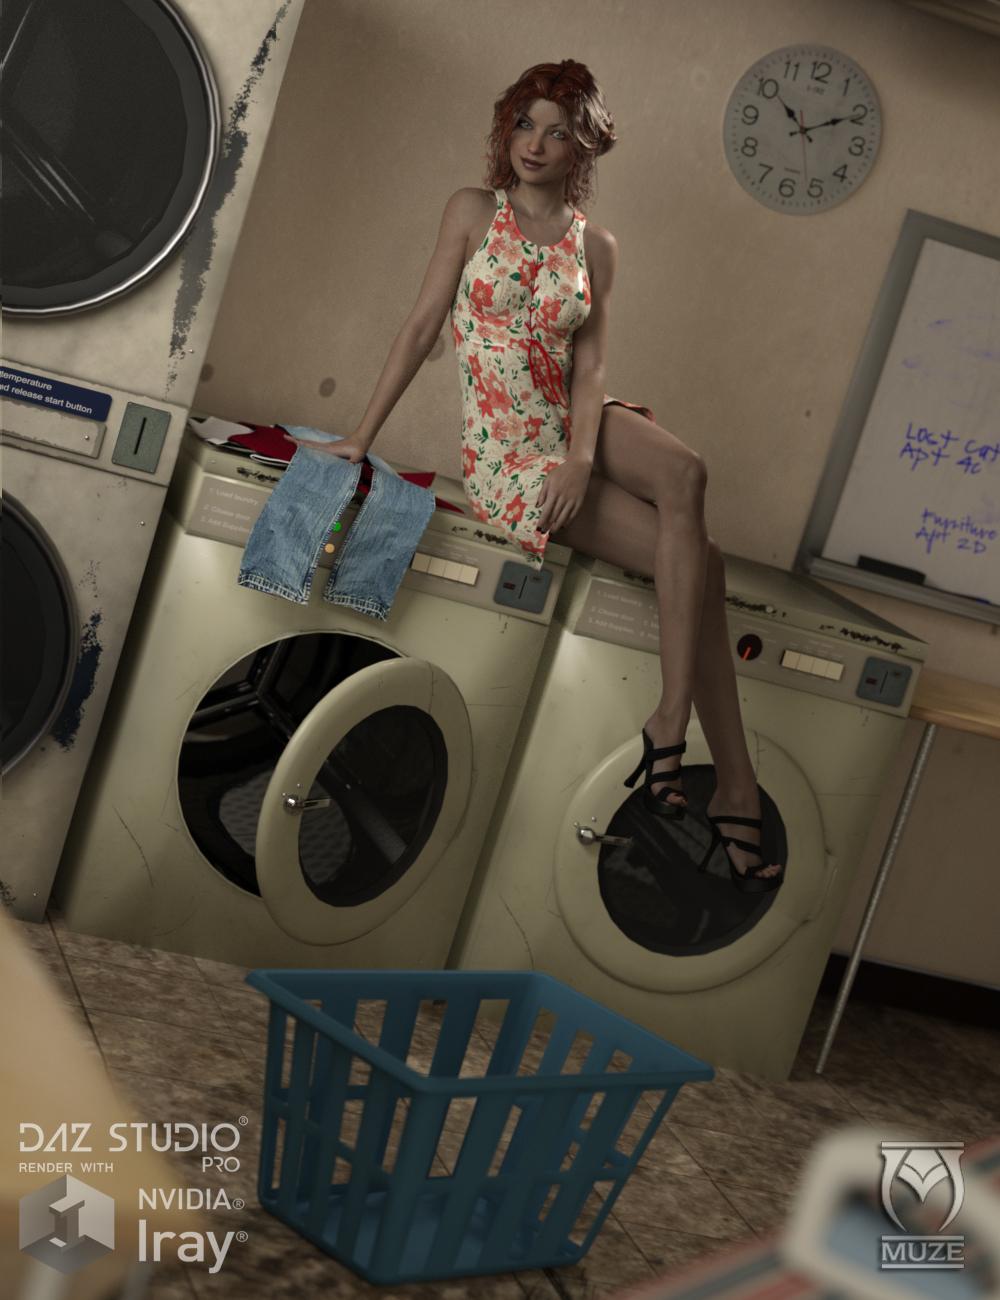 Basement Laundry by: Muze, 3D Models by Daz 3D